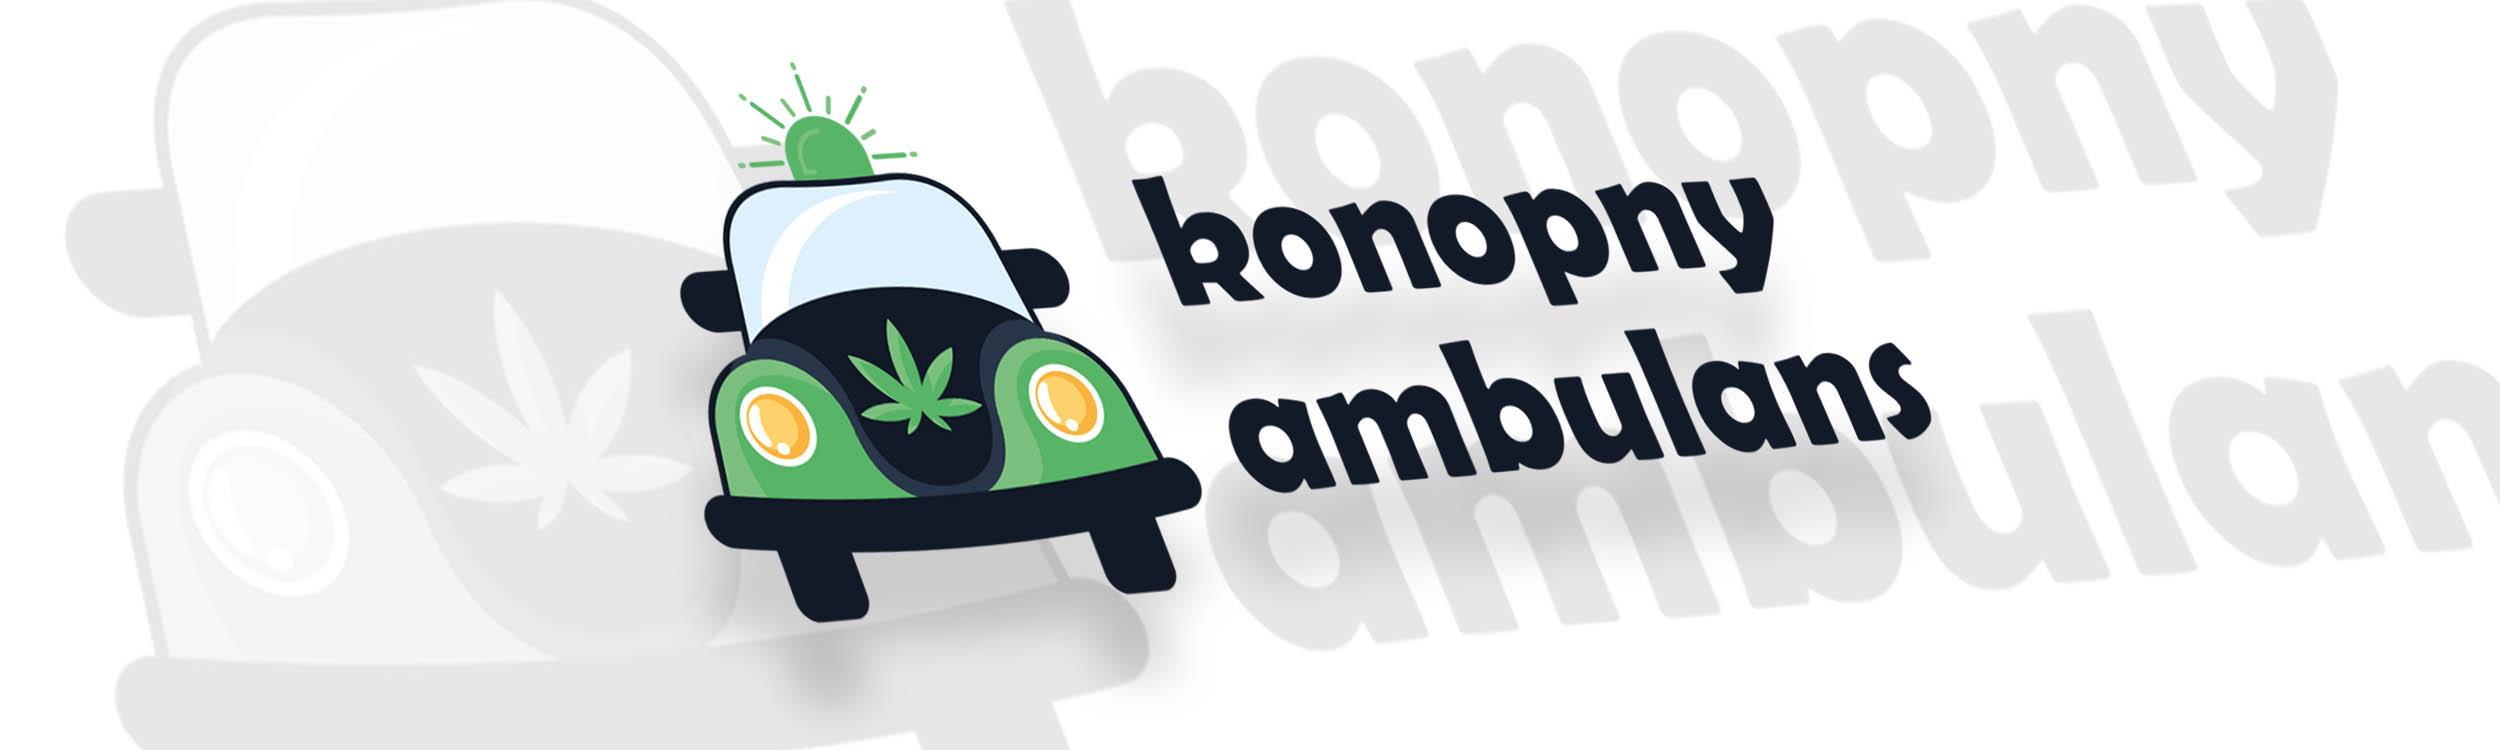 pixels can talk logo konopny ambulans big